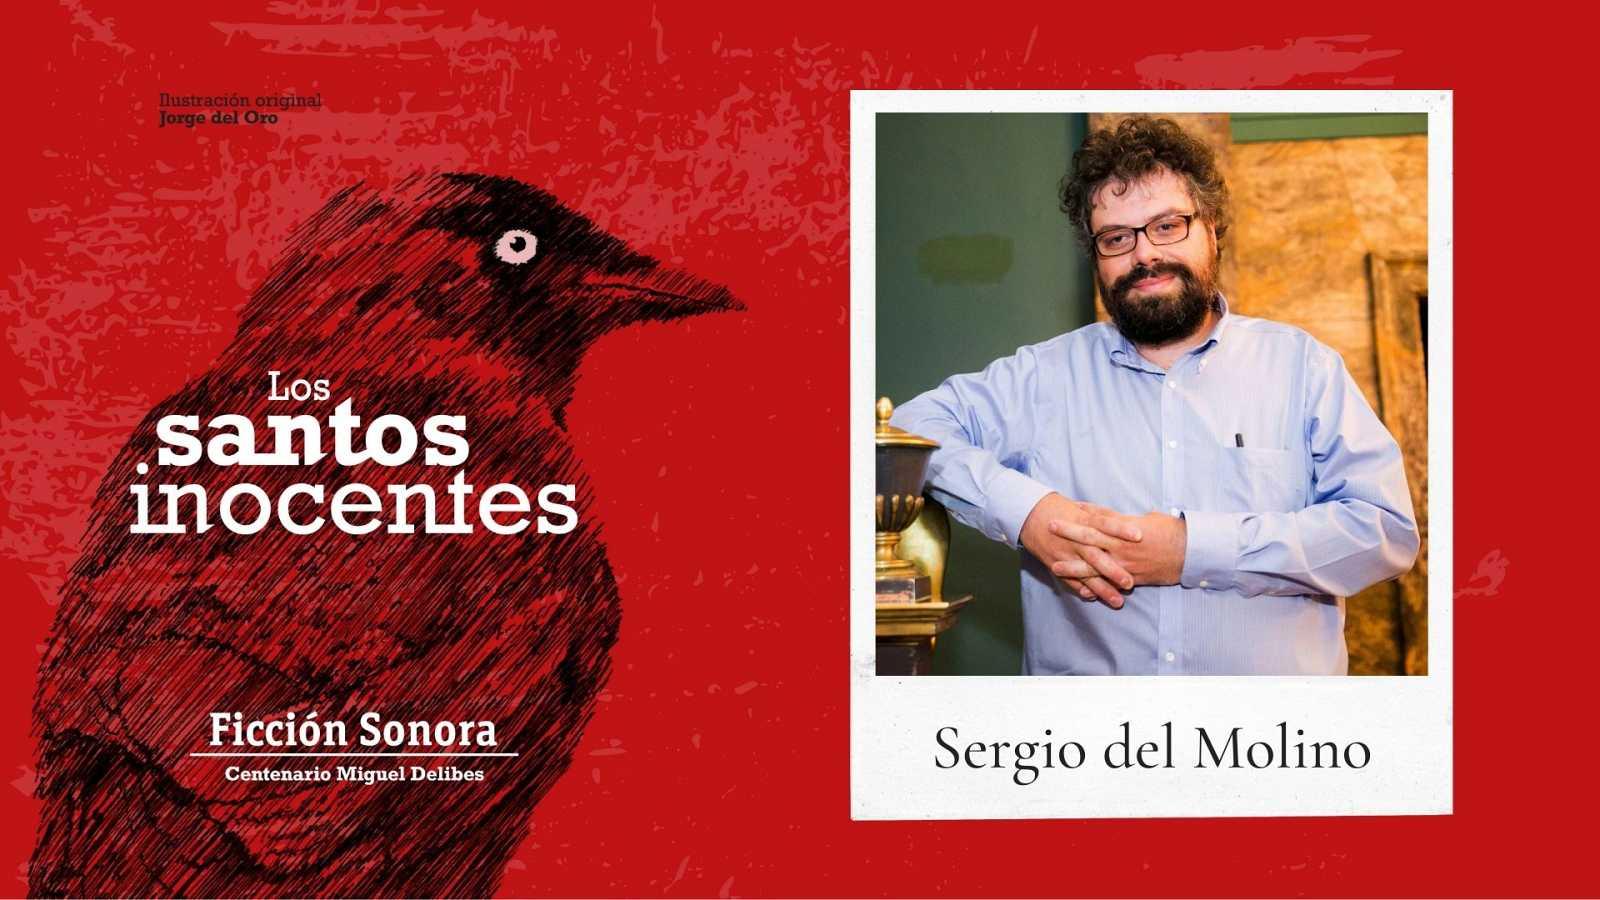 El Ojo Crítico - 'Los santos inocentes' III con Sergio del Molino - 03/05/21 - escuchar ahora